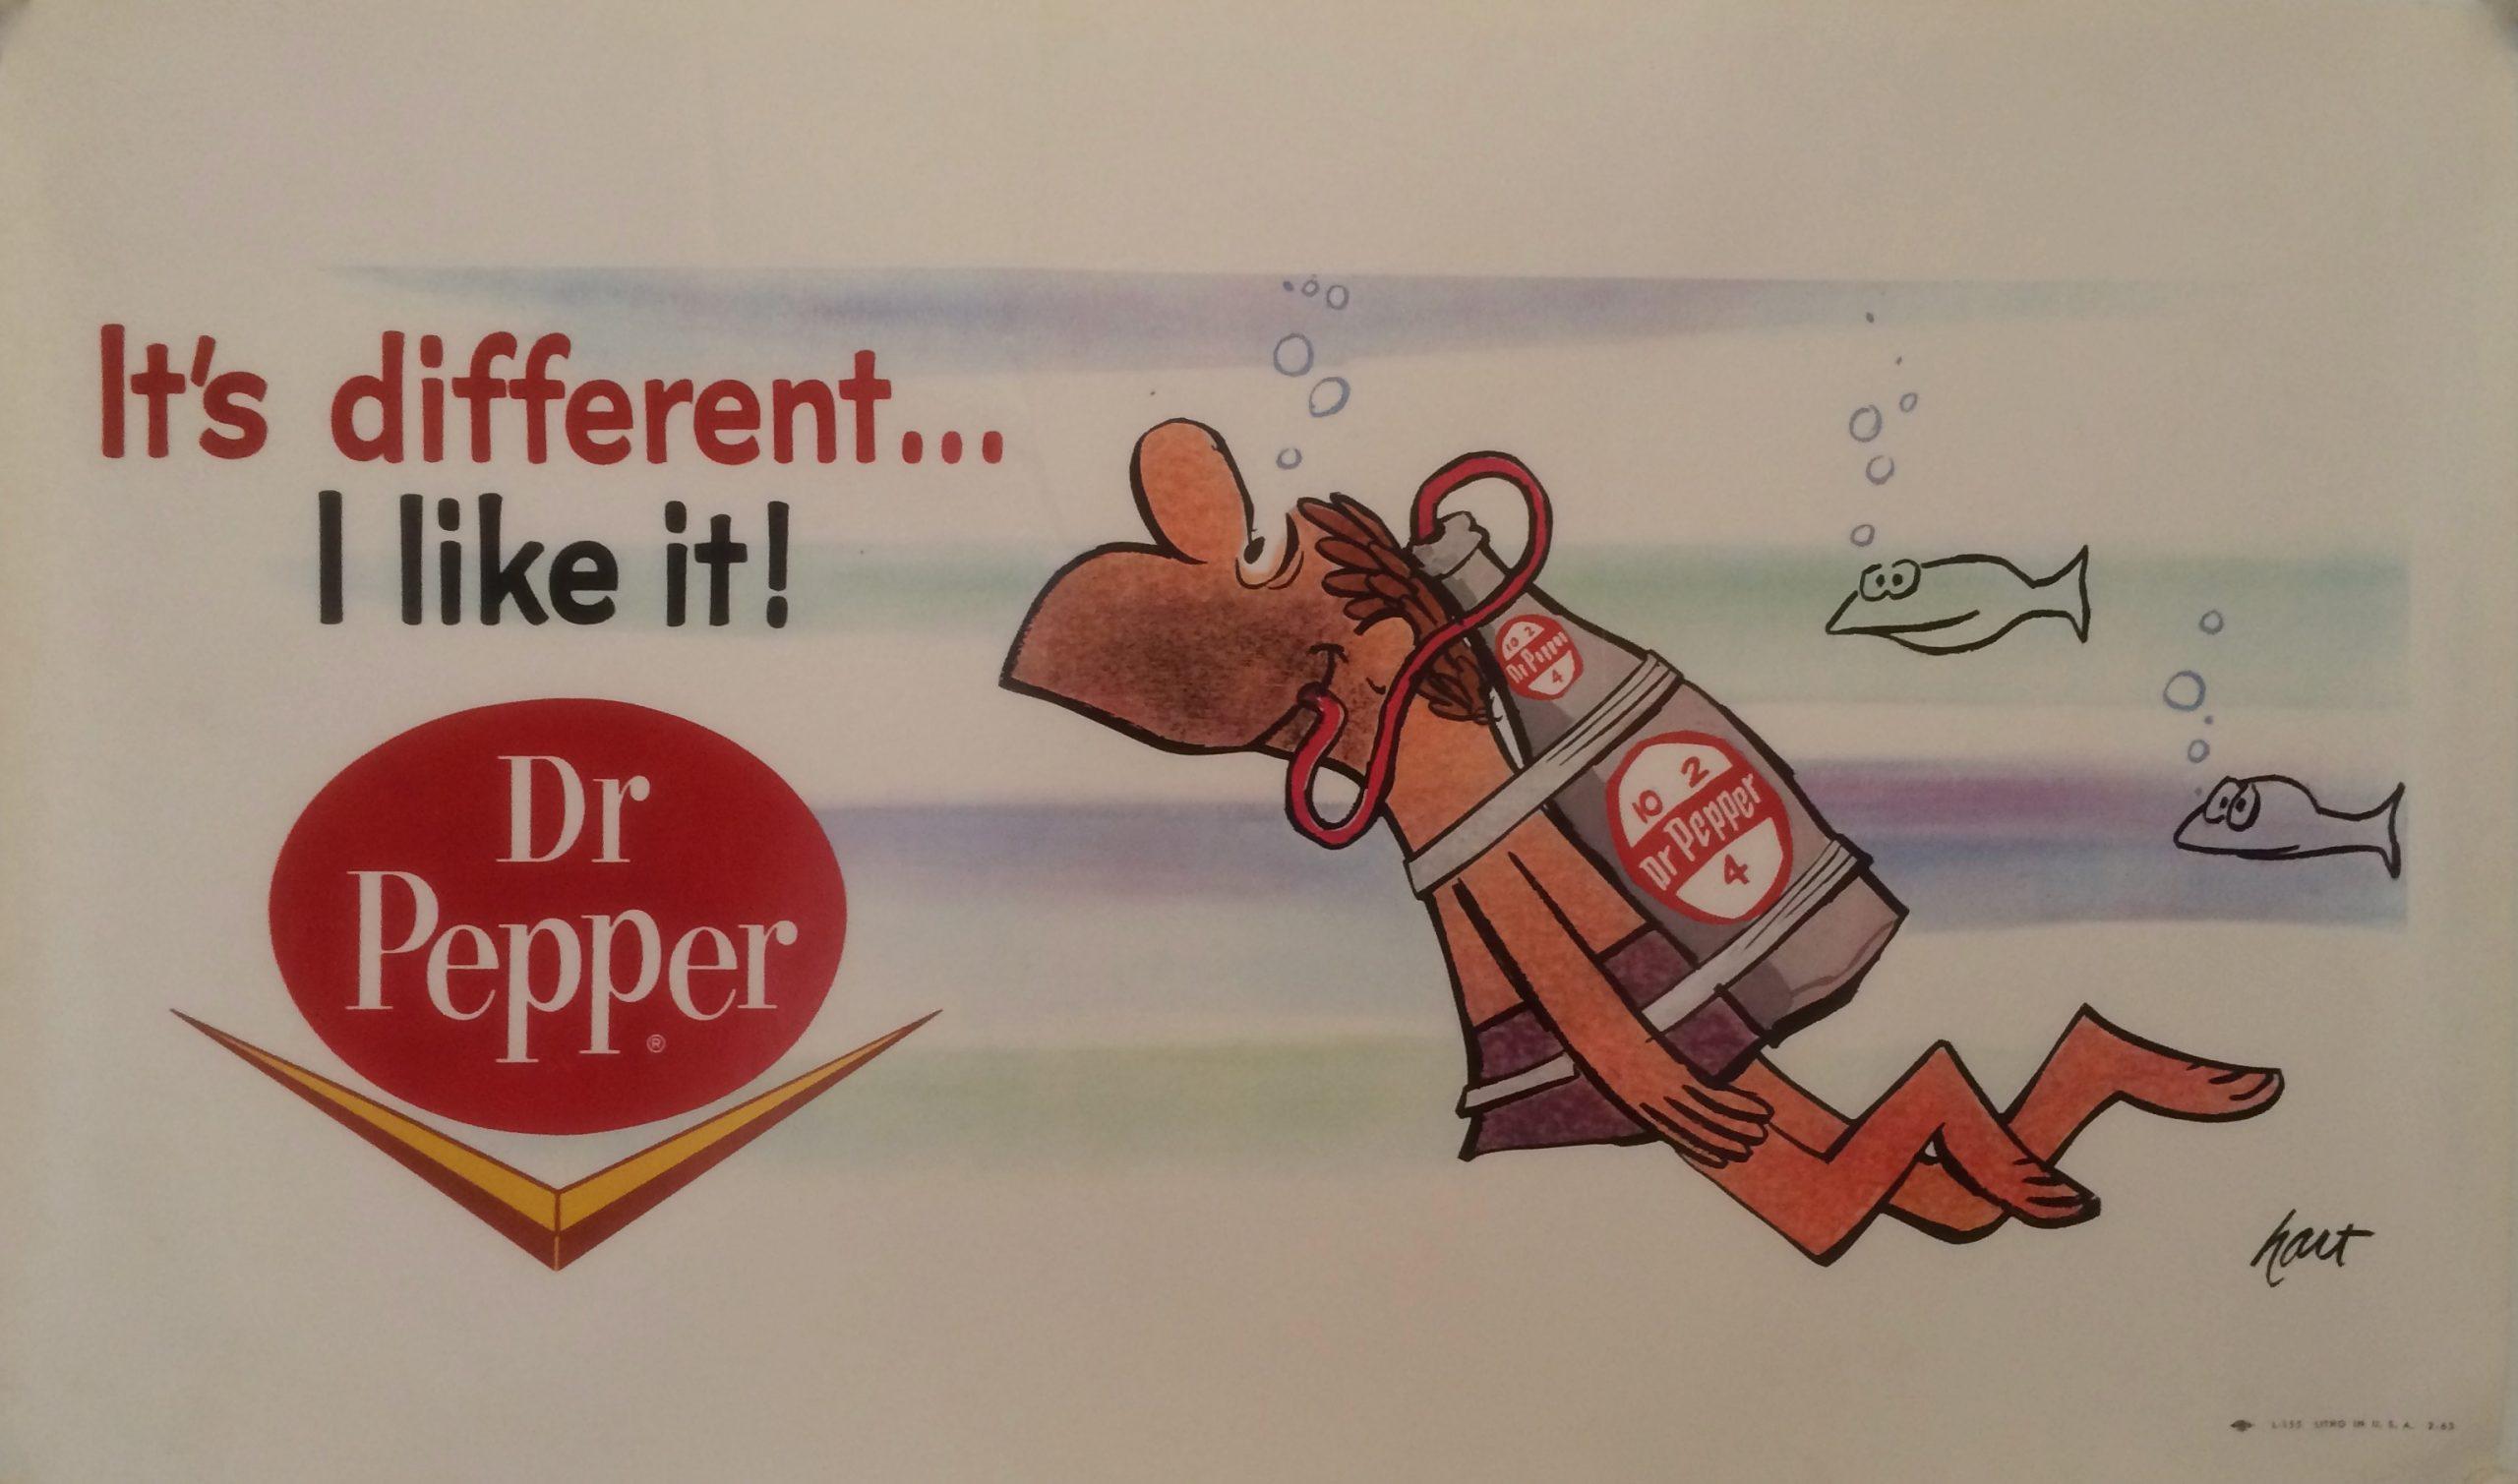 Advertising poster for Dr. Pepper